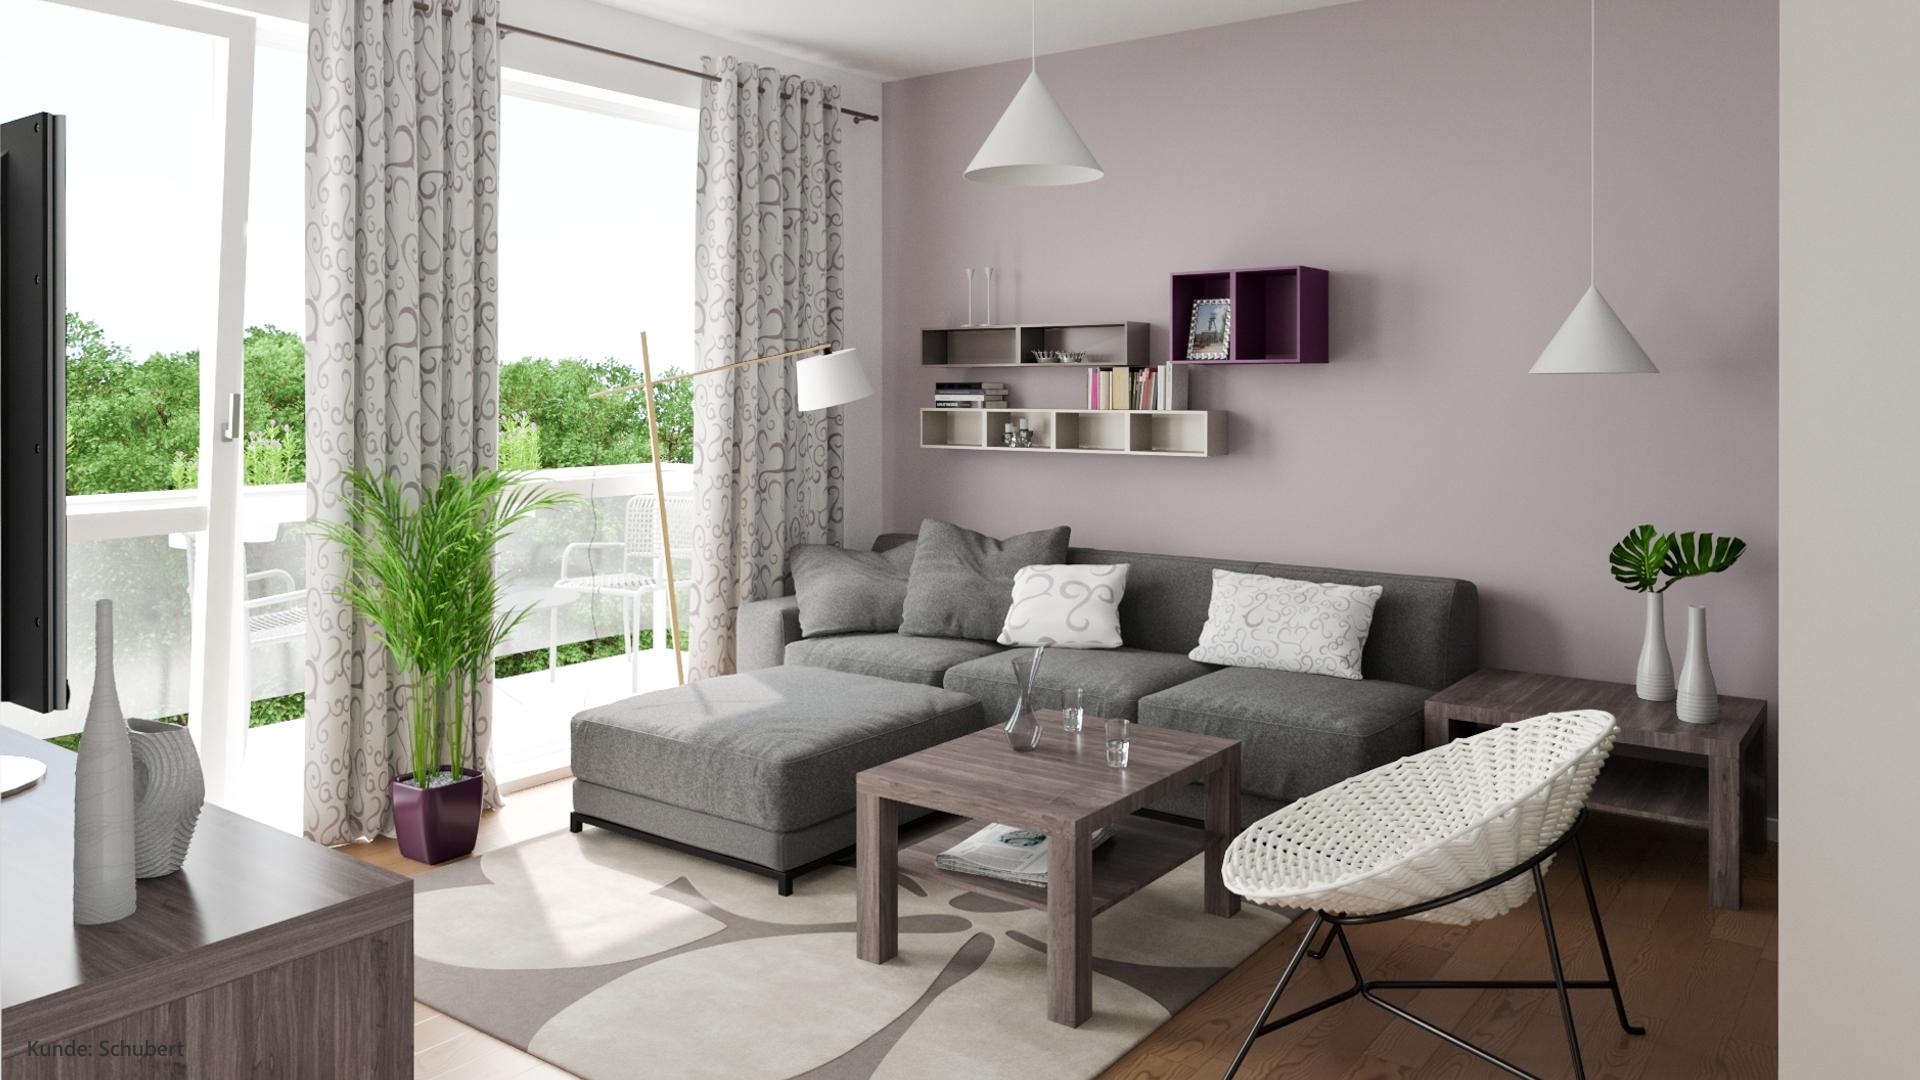 Reel: Interior Renderings With Blender Cycles